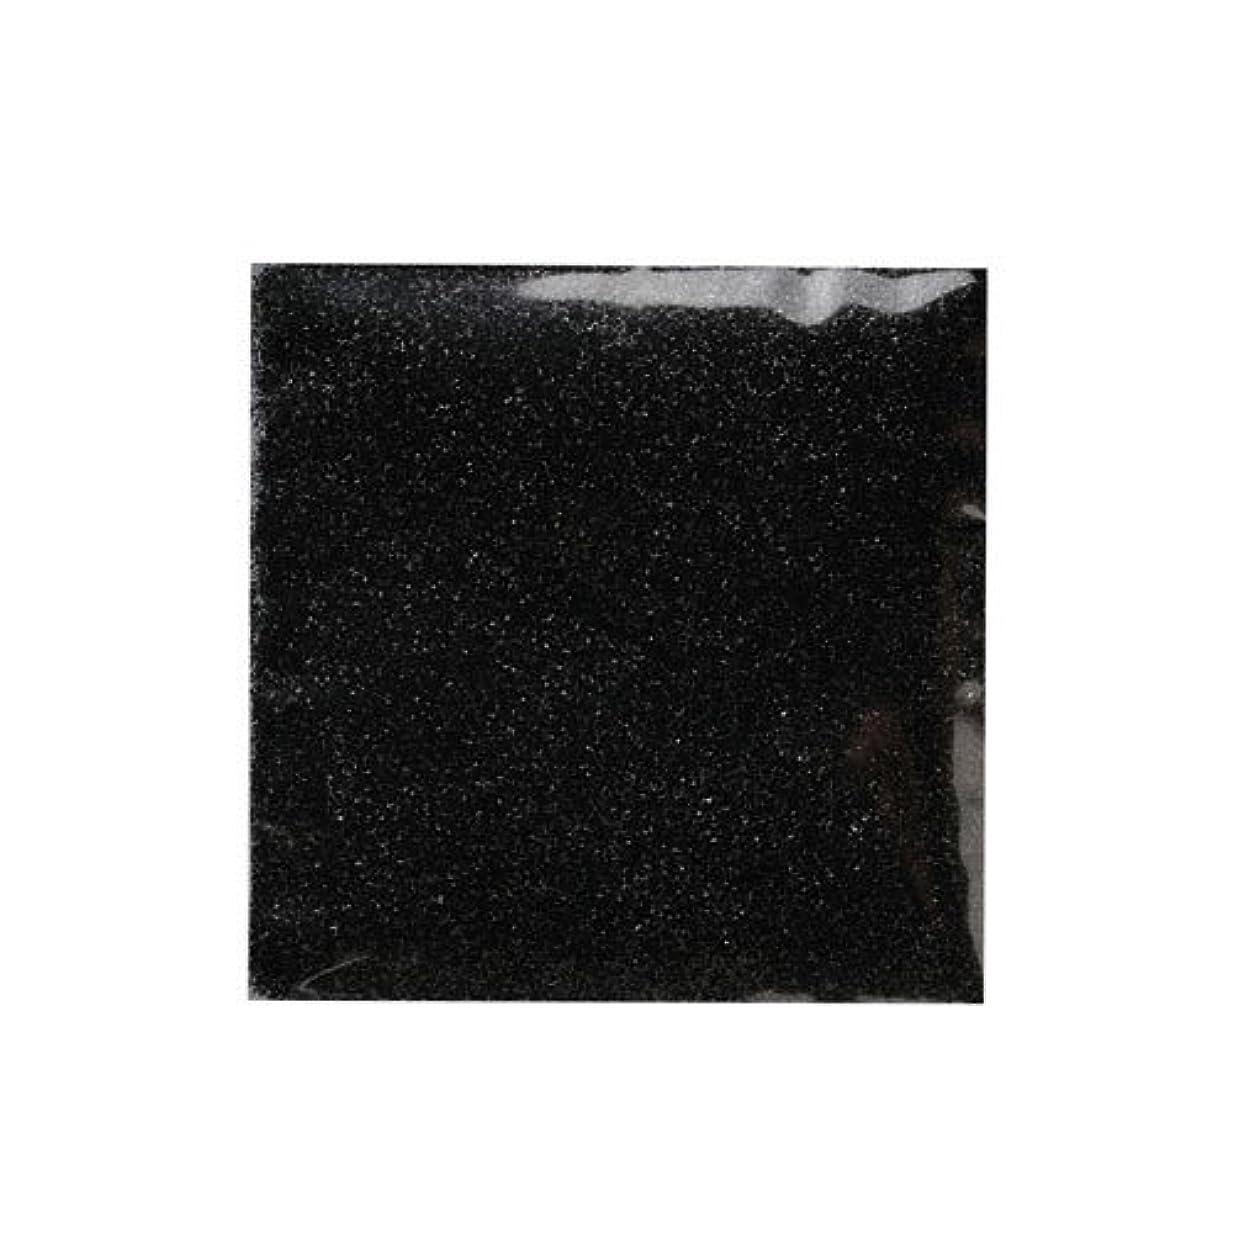 軽量フォークグリップピカエース ネイル用パウダー ピカエース ラメメタリック #507 ブラック 2g アート材